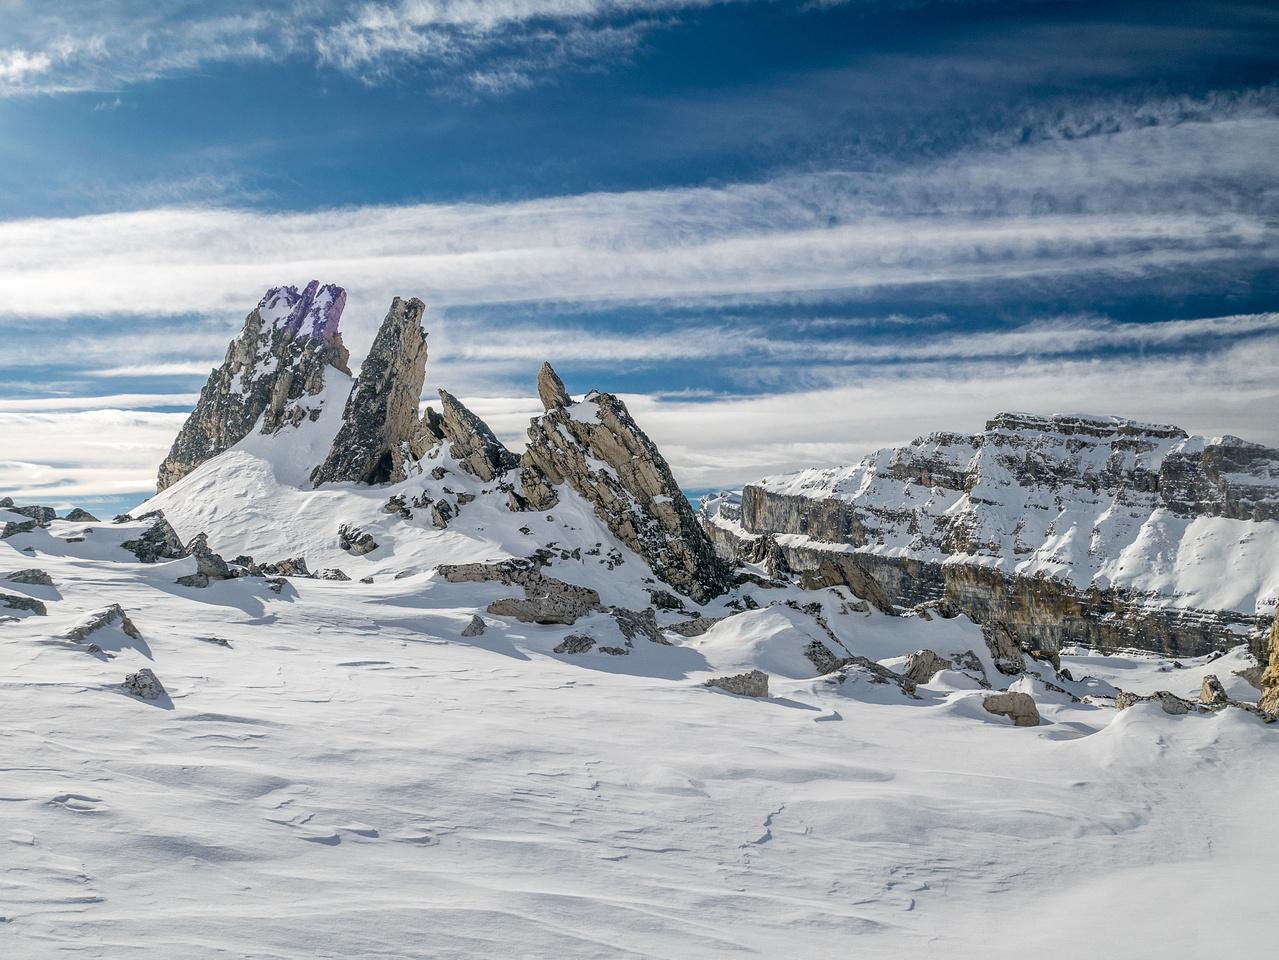 Incredible scenery on the ridge.